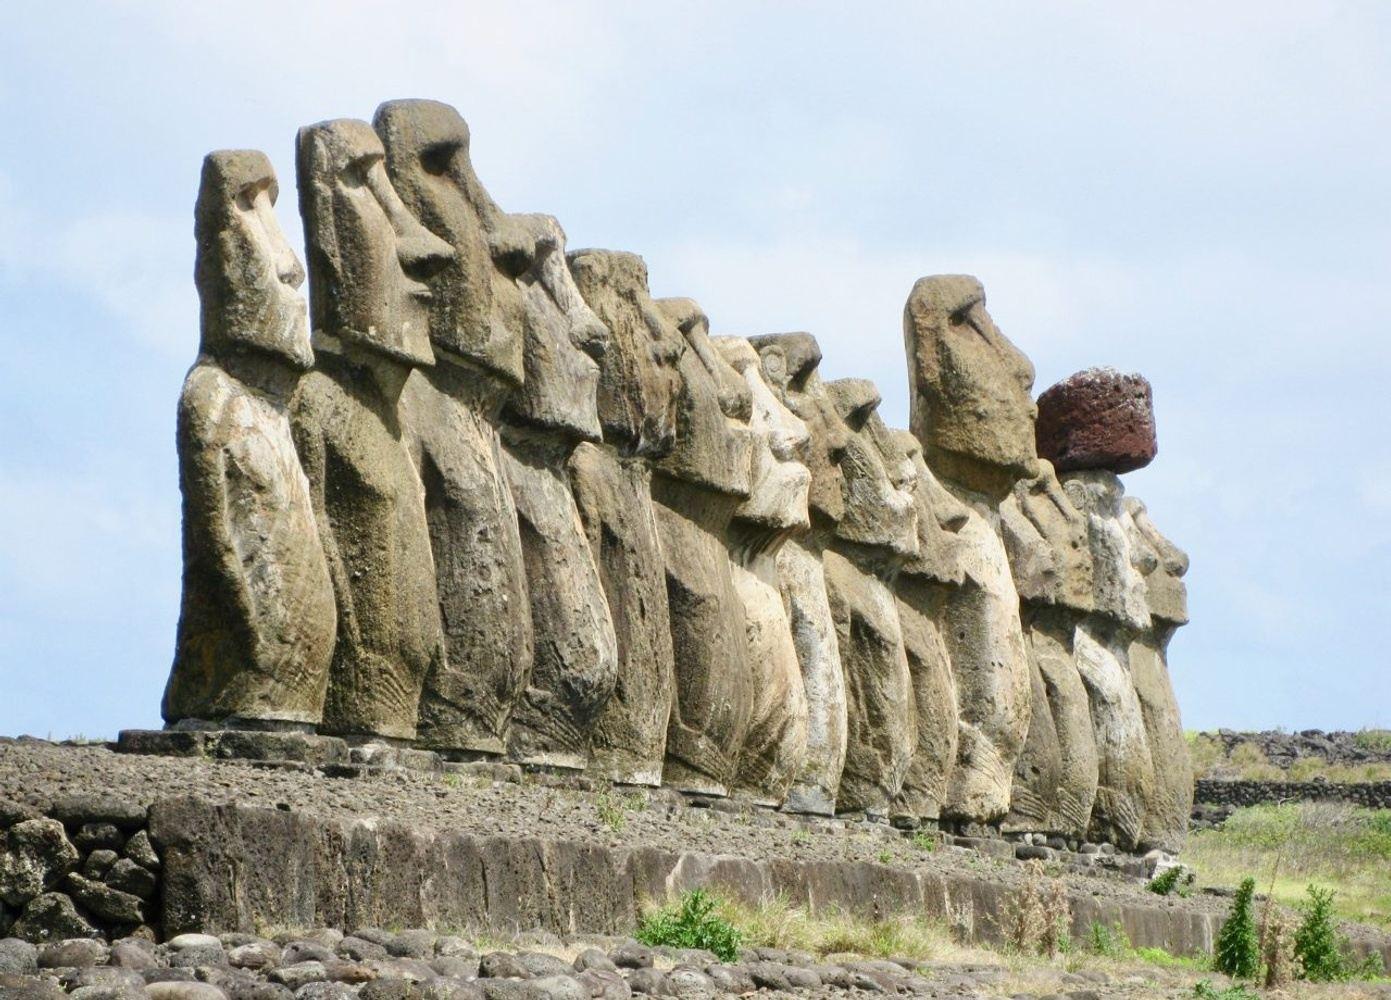 Easter Island Hopping 2022